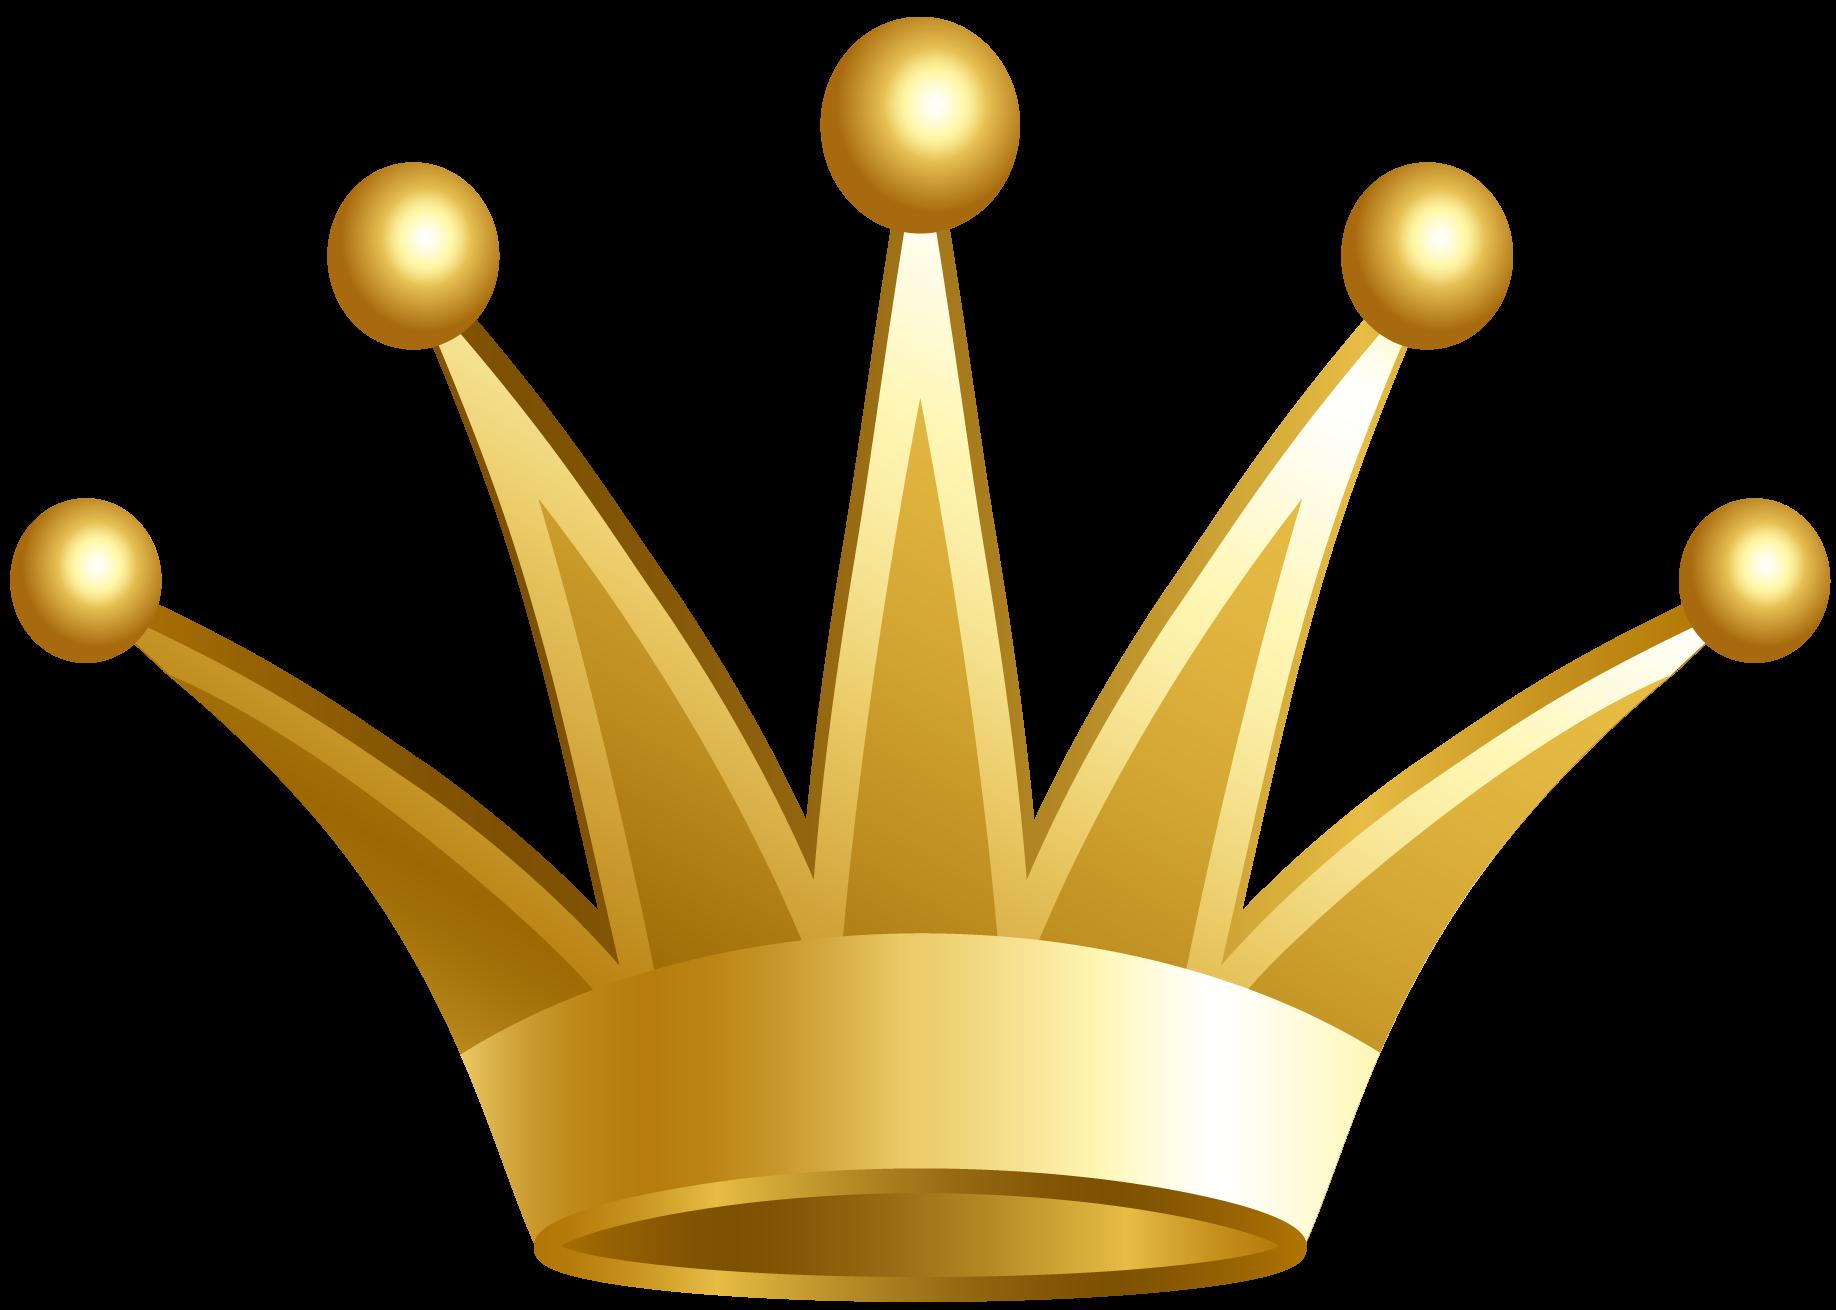 Картинка для детей корона для принцессы